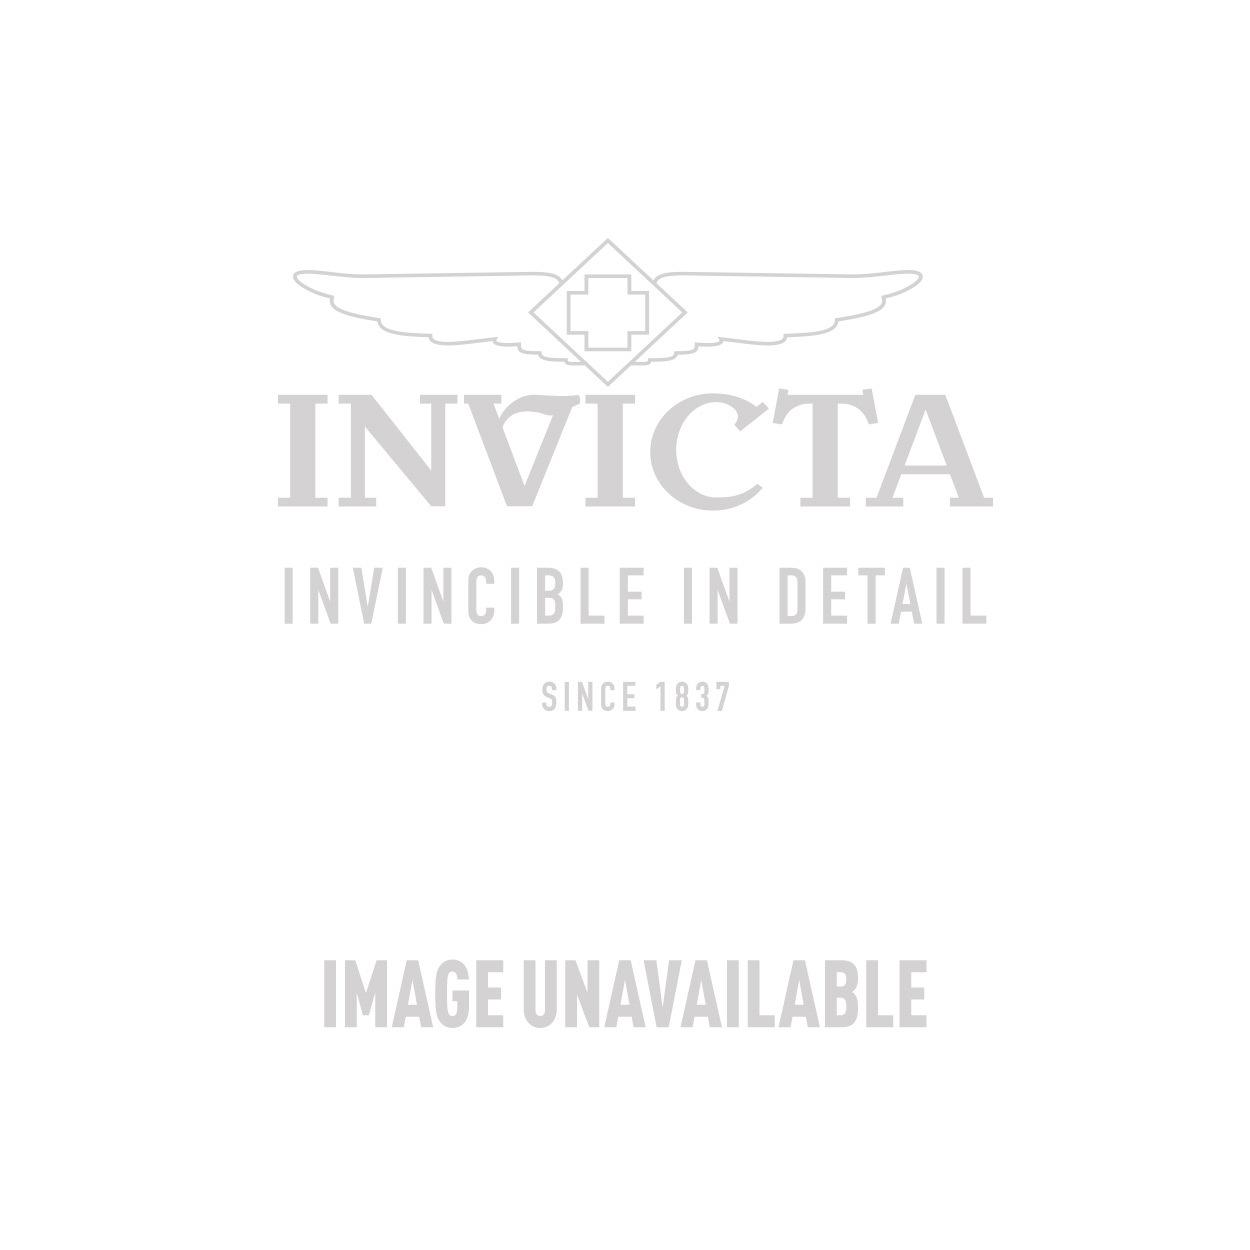 Invicta Model 29293